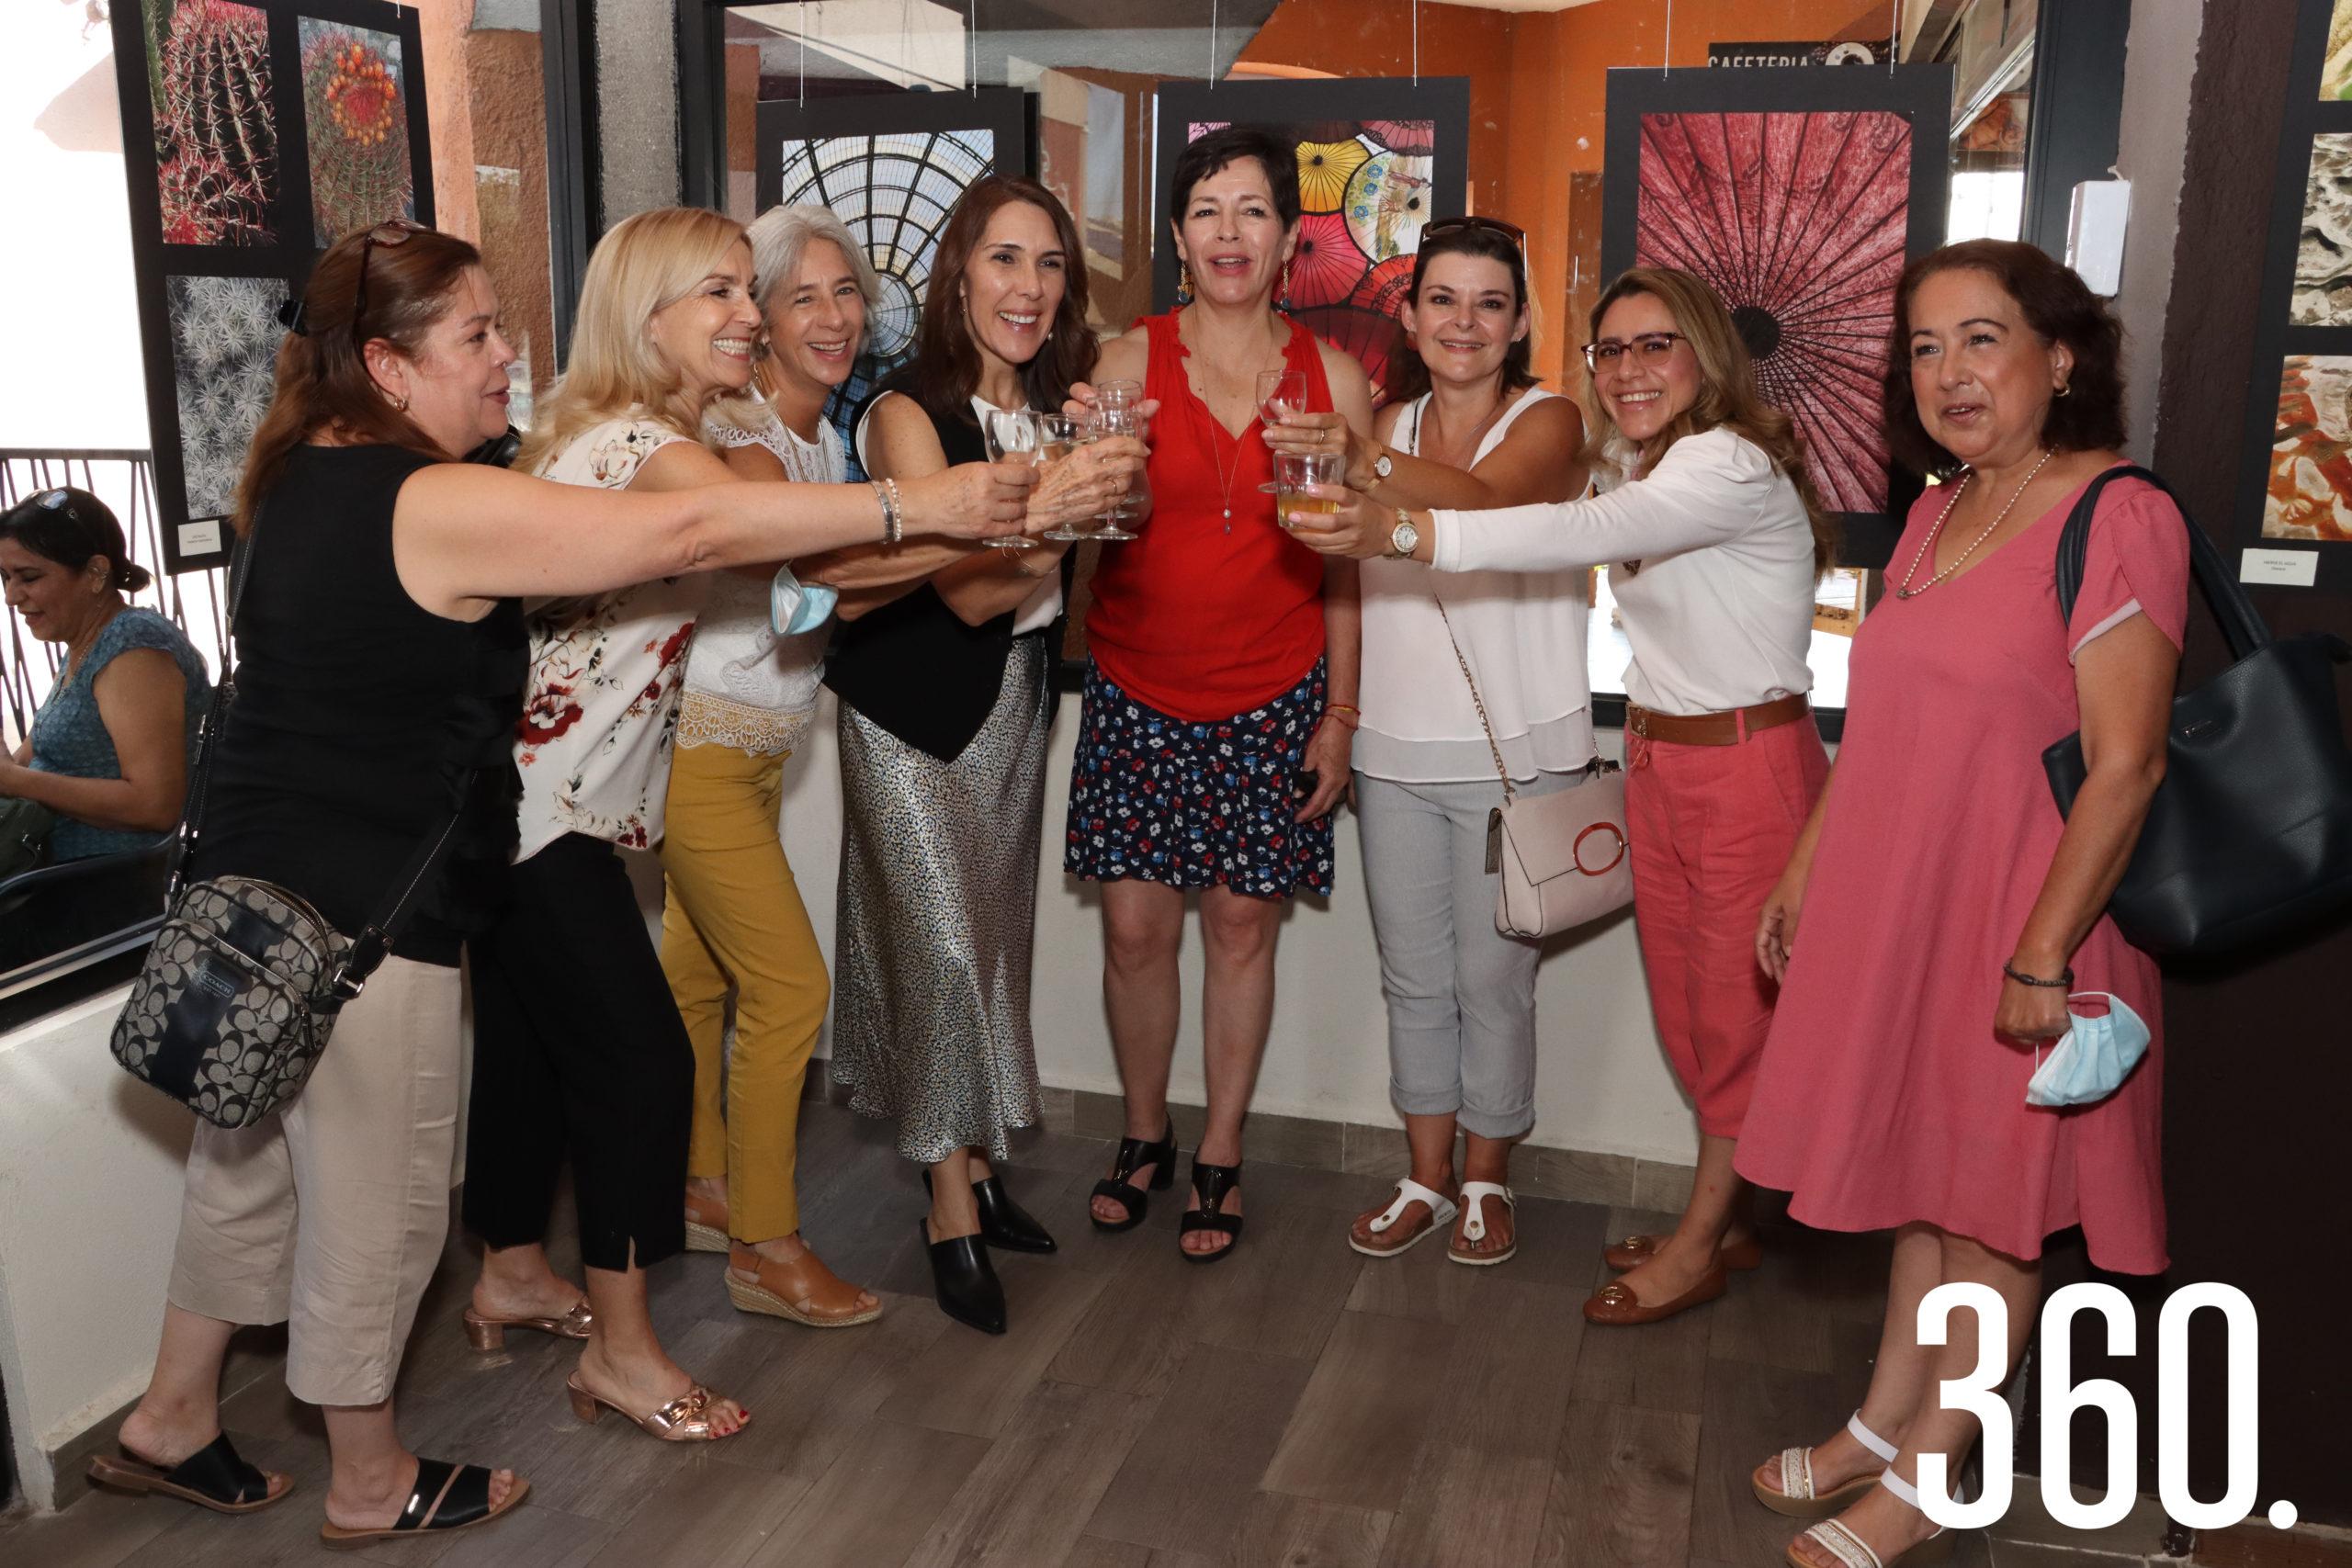 Claudia Aponte brindó con sus amigas, Carolina de Carabaza, Edurne Oronoz, Catalina Sevilla, Andrea Rodríguez, Silvia López, María Fernanda Feria y Maricela Ramos.